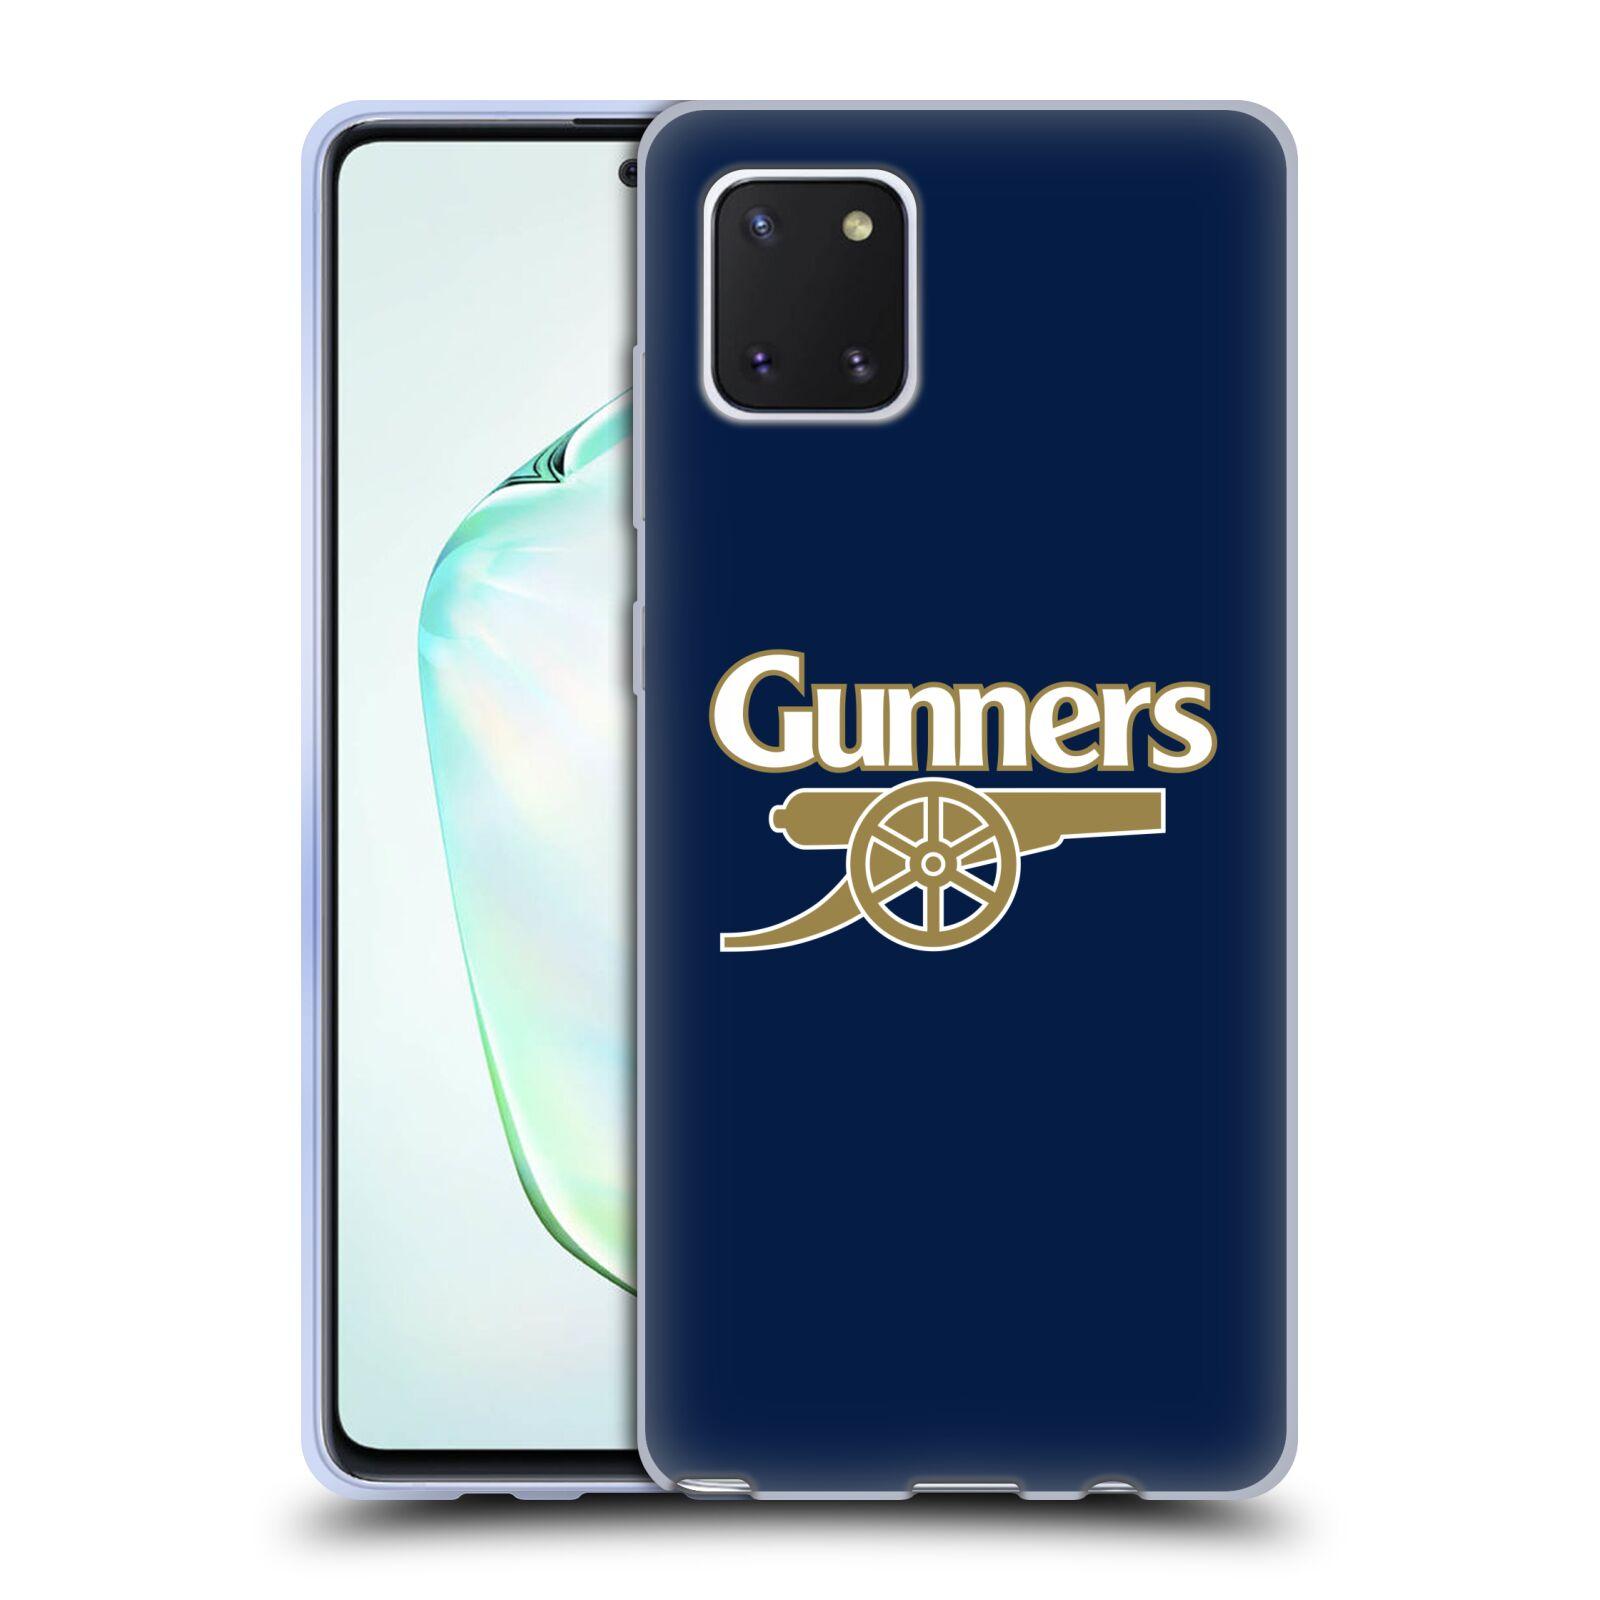 Silikonové pouzdro na mobil Samsung Galaxy Note 10 Lite - Head Case - Arsenal FC - Gunners